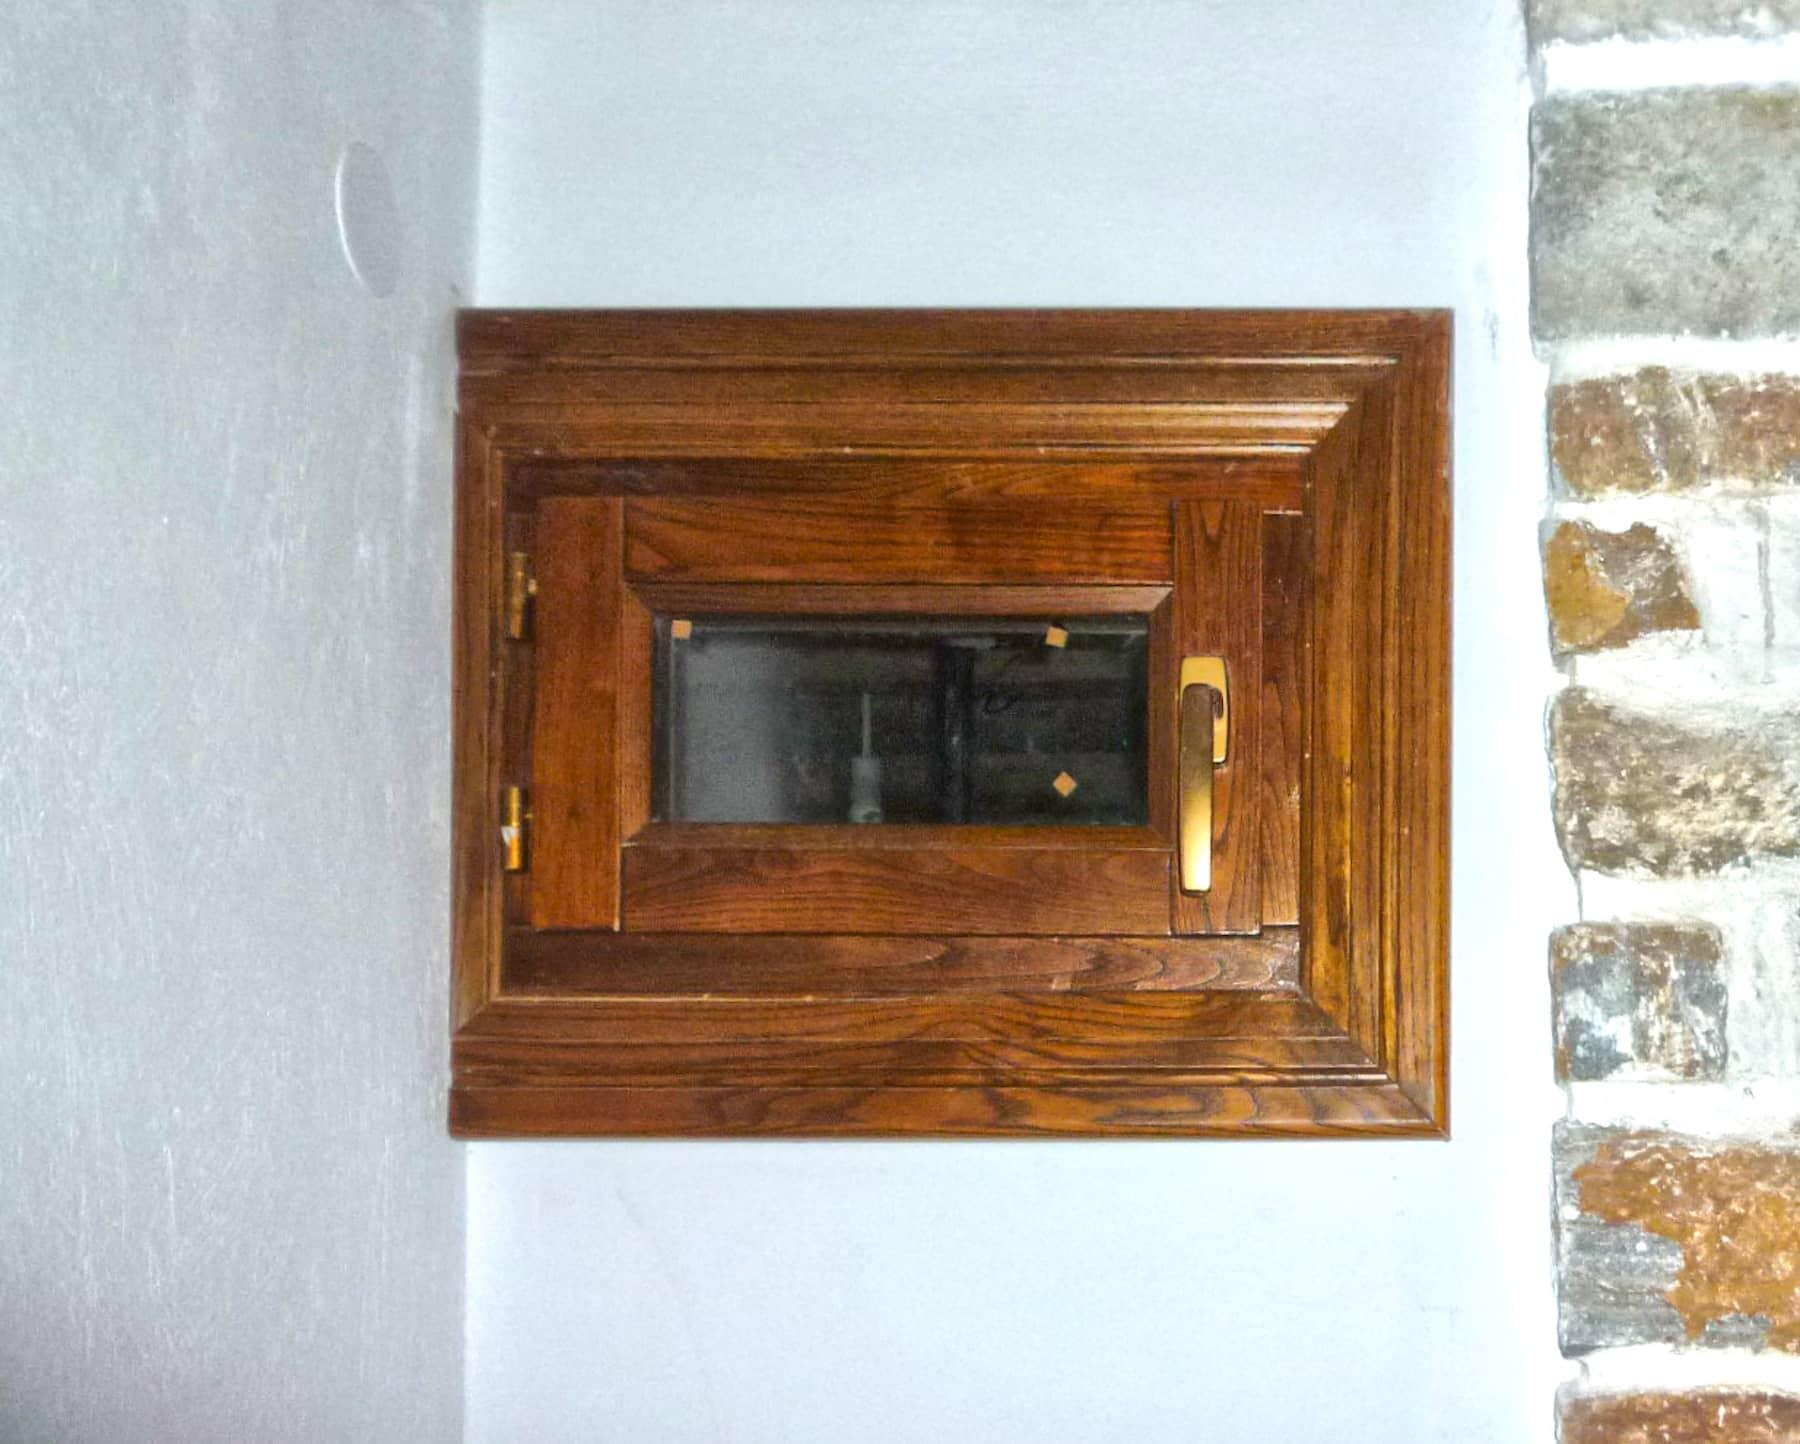 ξύλινο παράθυρο με παντζούρι και σιδεριά